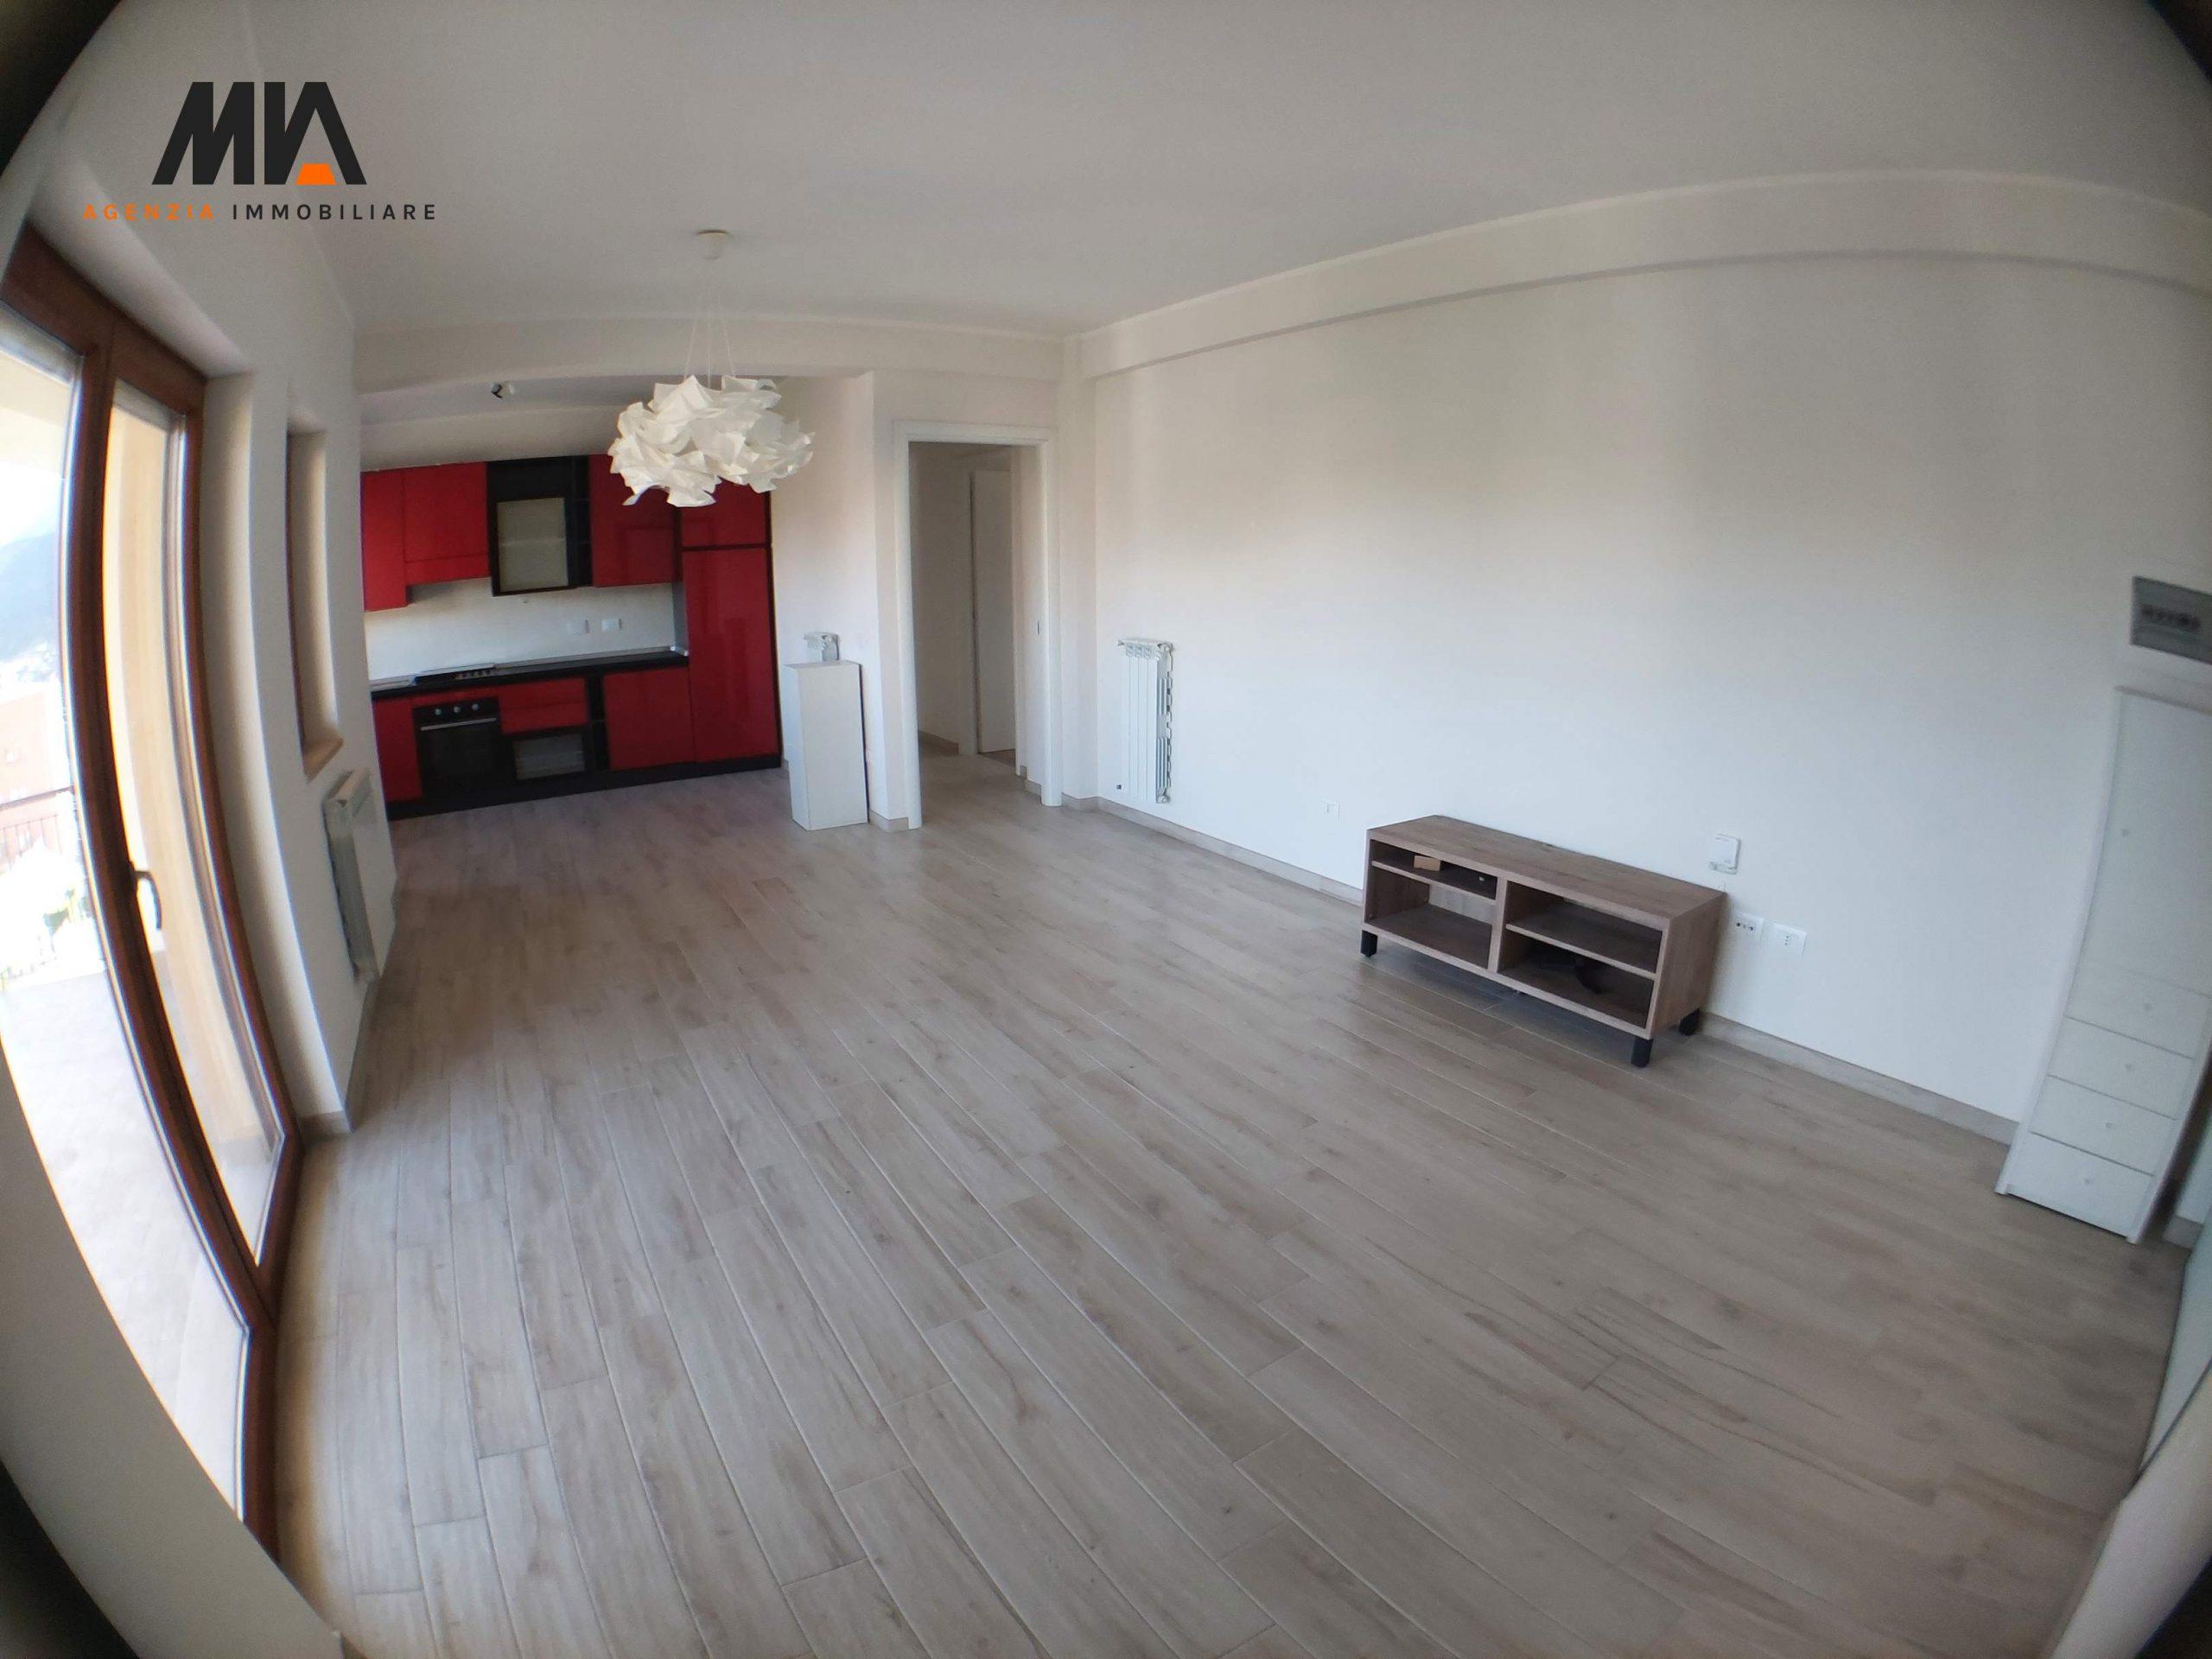 AFFITTO: Appartamento Abbattuto e Ricostruito Torretta